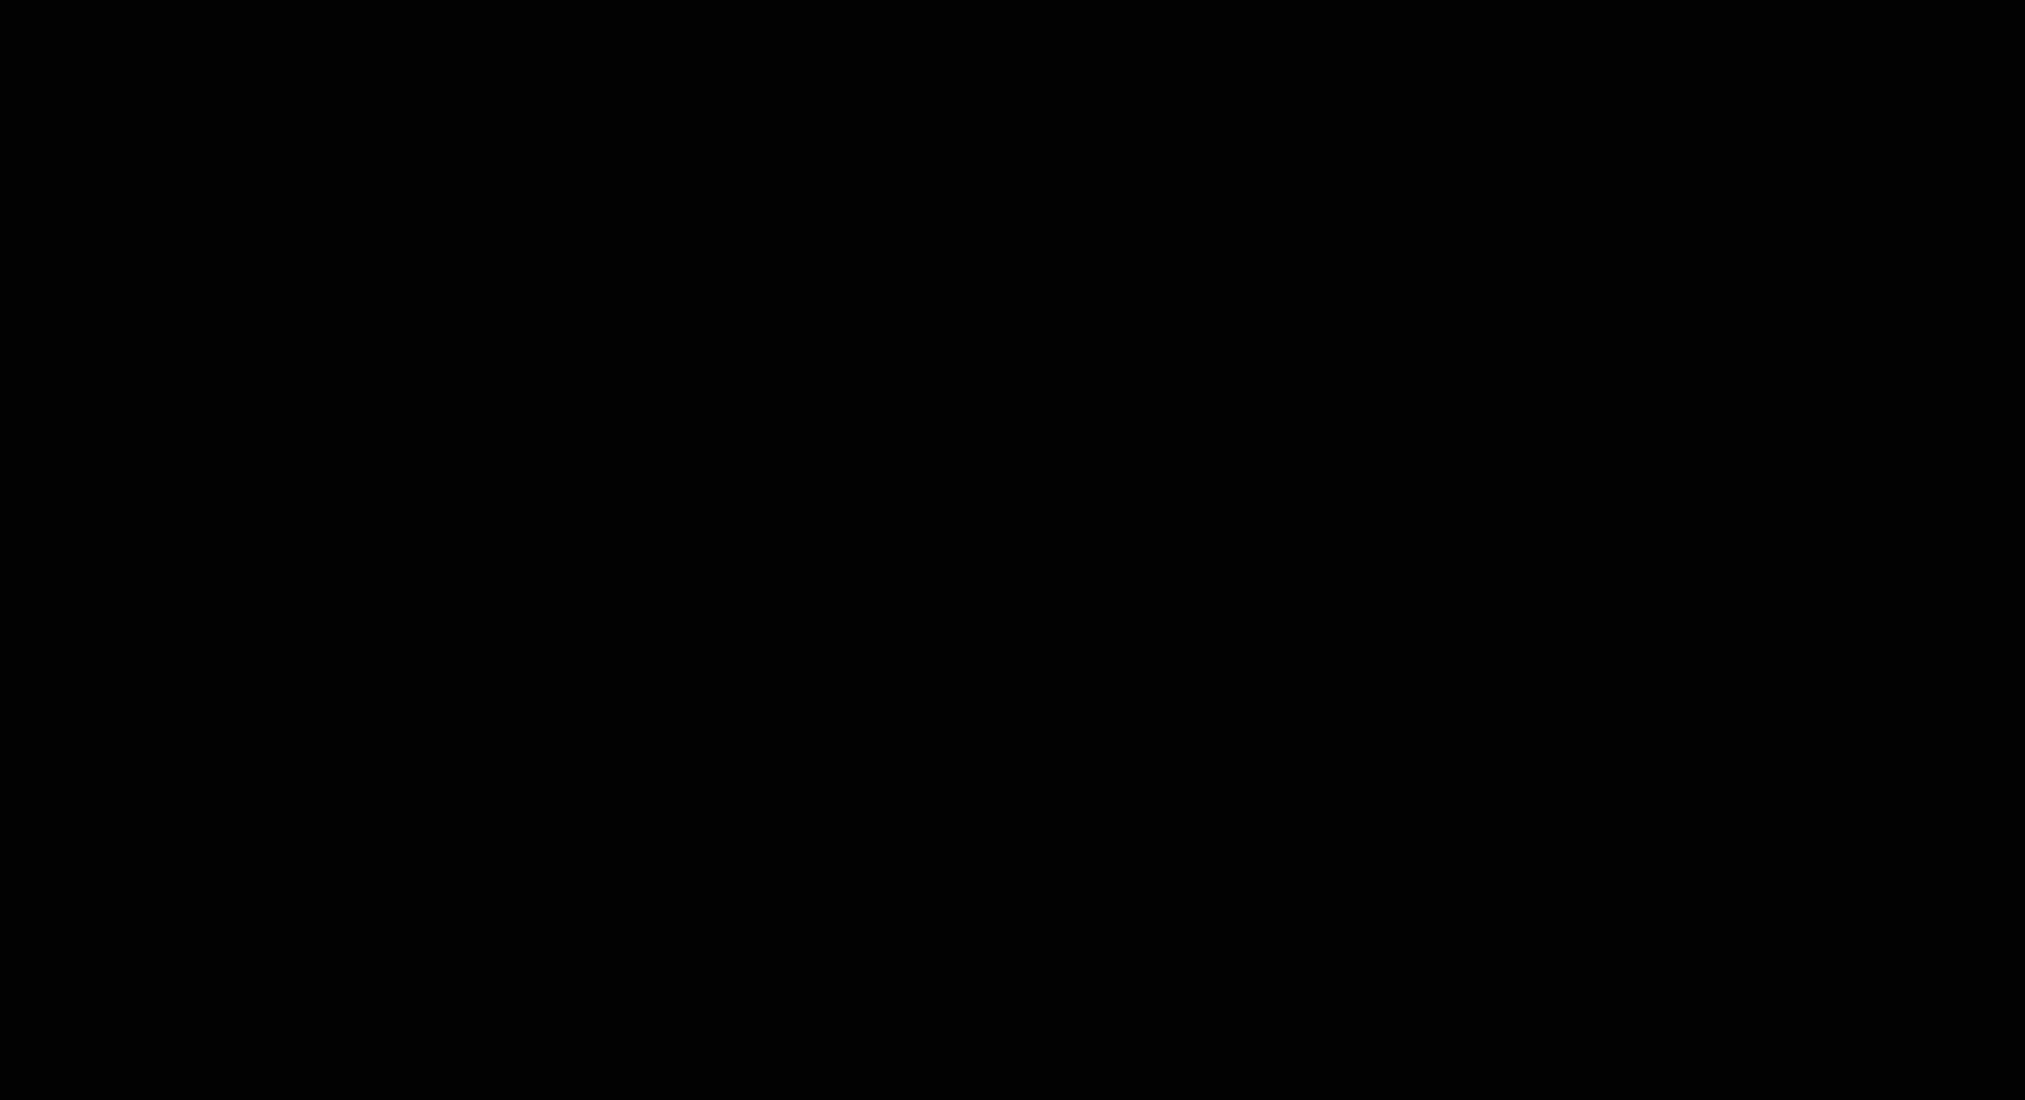 6 Grunge Eye (PNG Transparent).